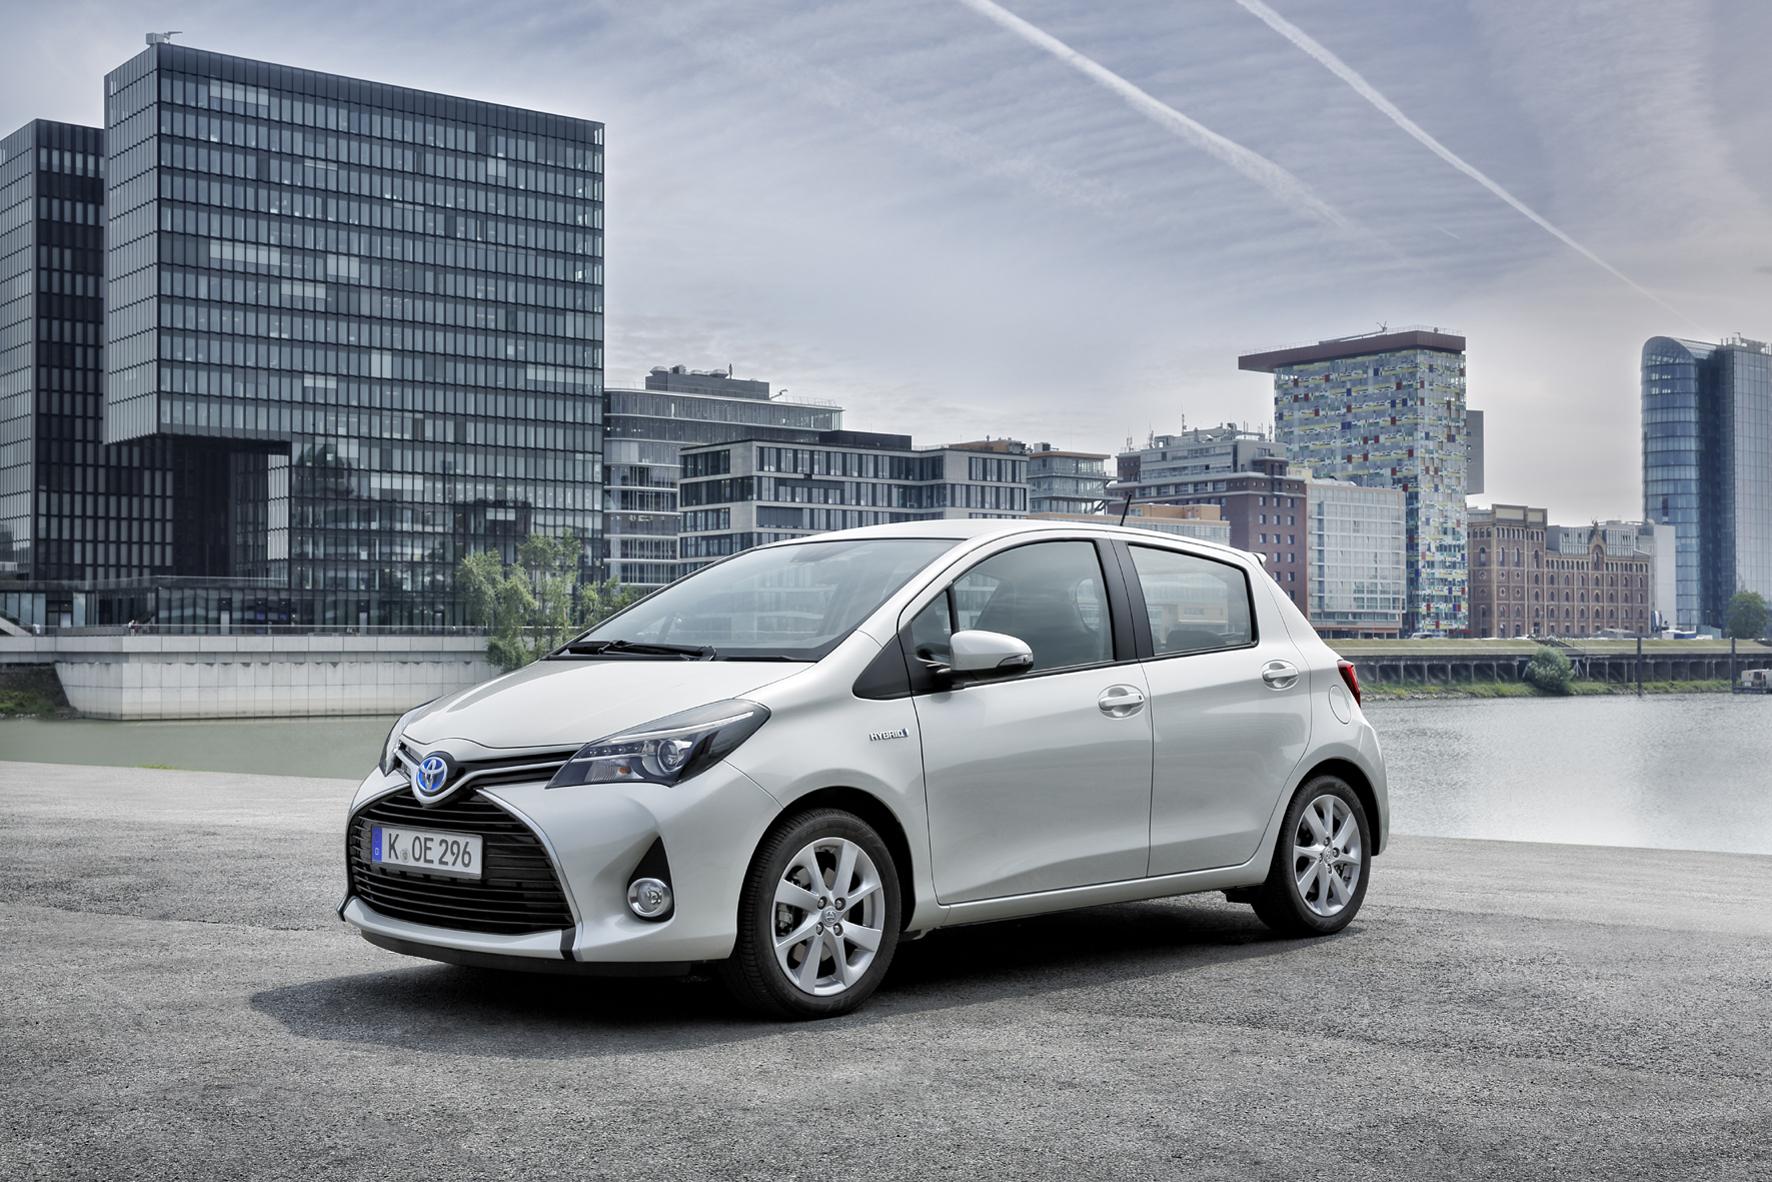 mid Groß-Gerau - Wegen Problemen mit den vorderen Federbeinstützlagern ruft Toyota seinen Kleinwagen Yaris zurück in die Werkstatt. Weltweit sind rund 32.500 Fahrzeuge betroffen, davon 2.300 in Deutschland.